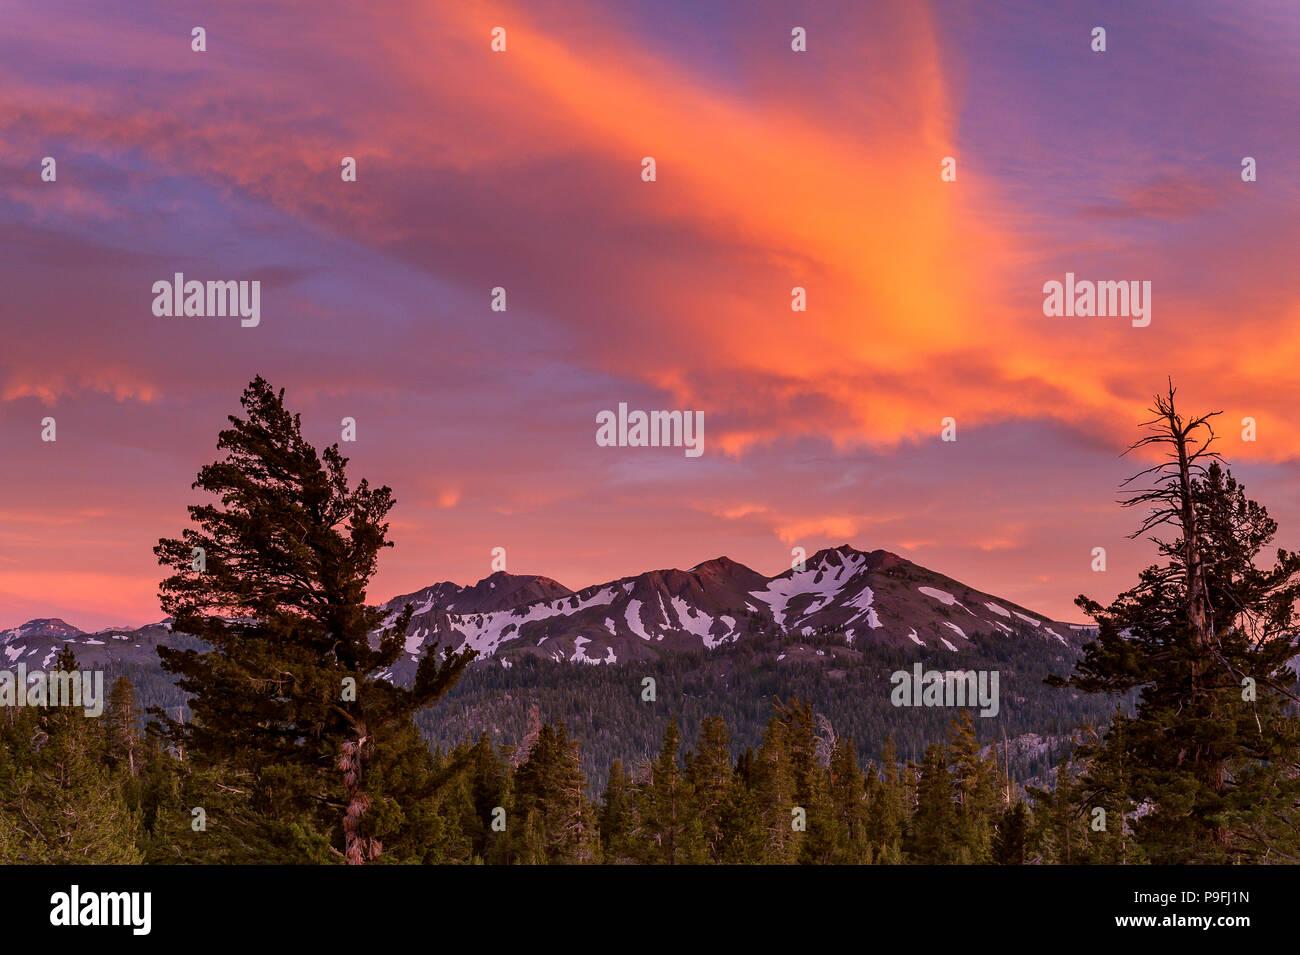 Sunset, Folger Peak, Carson-Iceberg Wilderness, Stanislaus National Forest, California - Stock Image